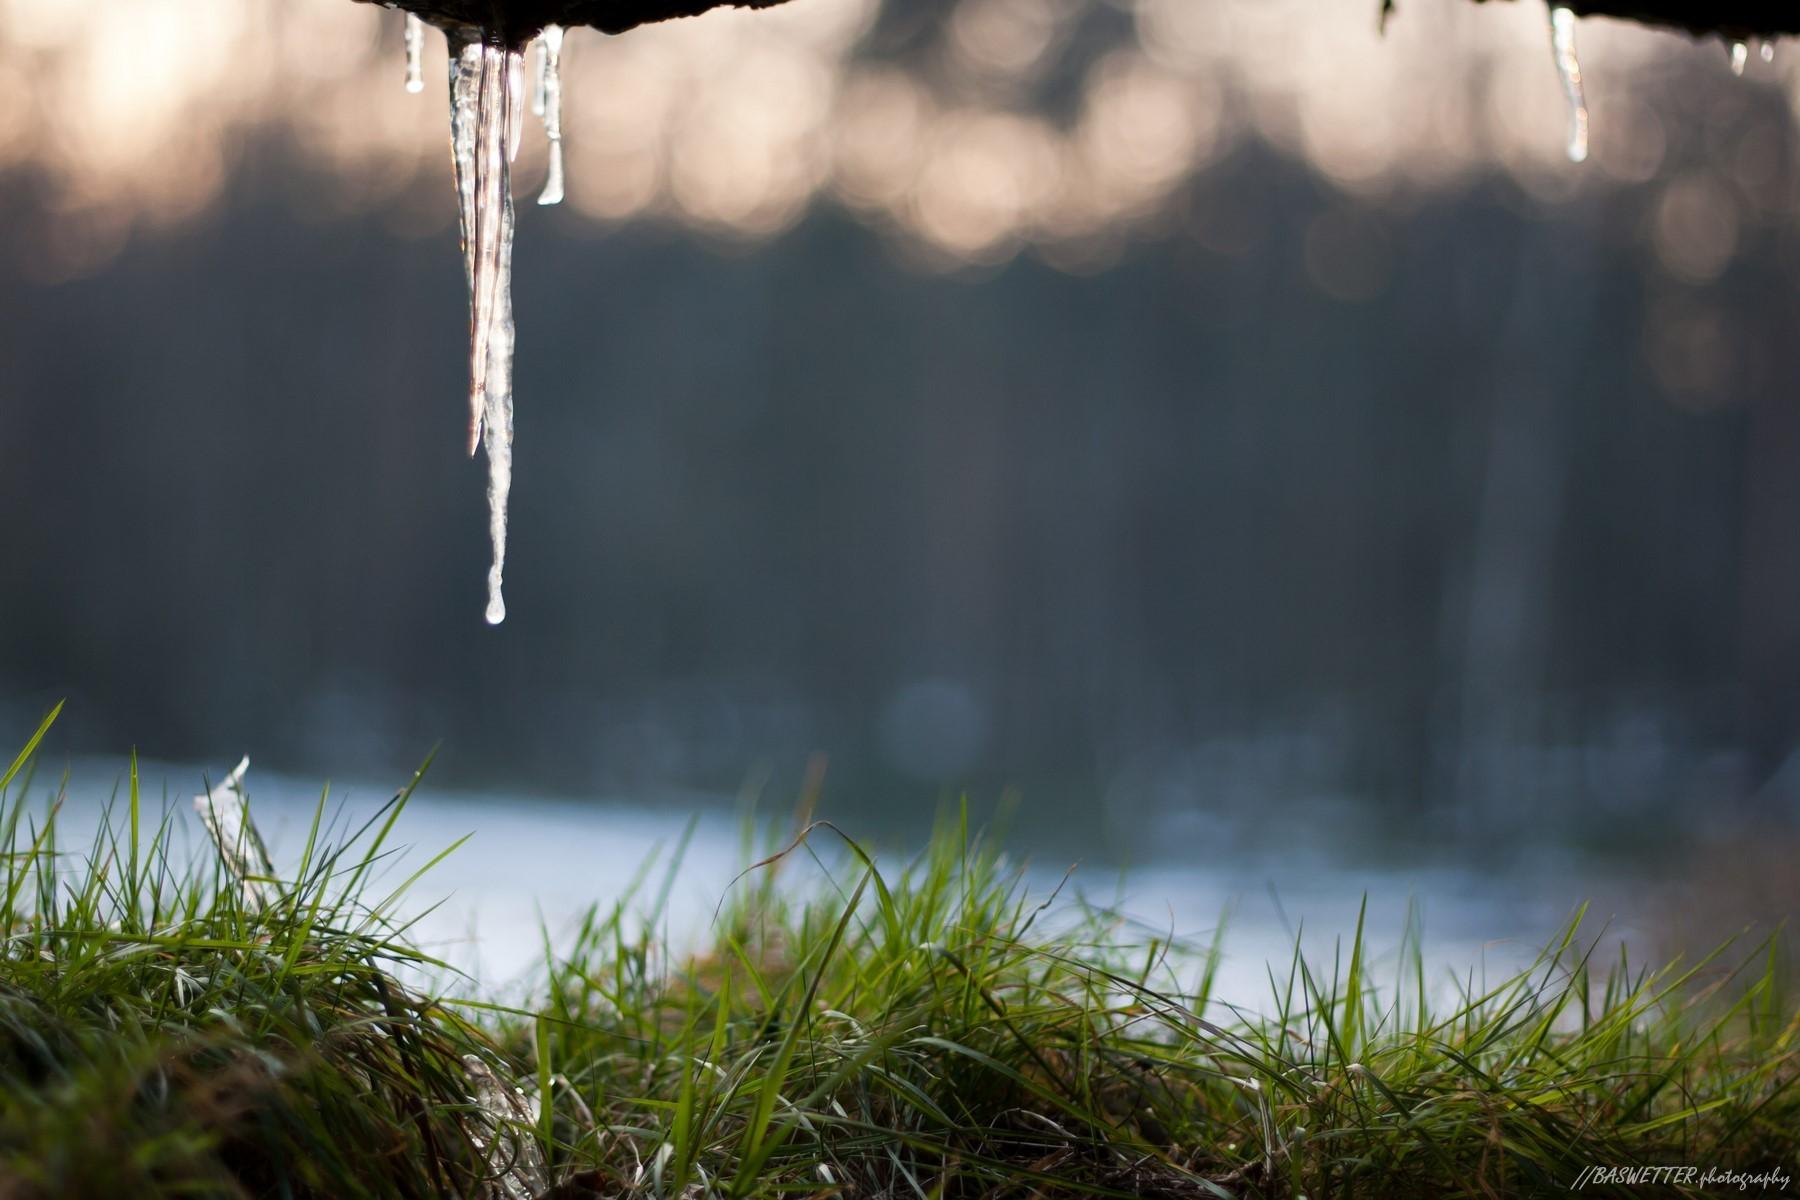 IJspegels in de wildobservatiehut van het winterse bos De Sysselt bij Ede